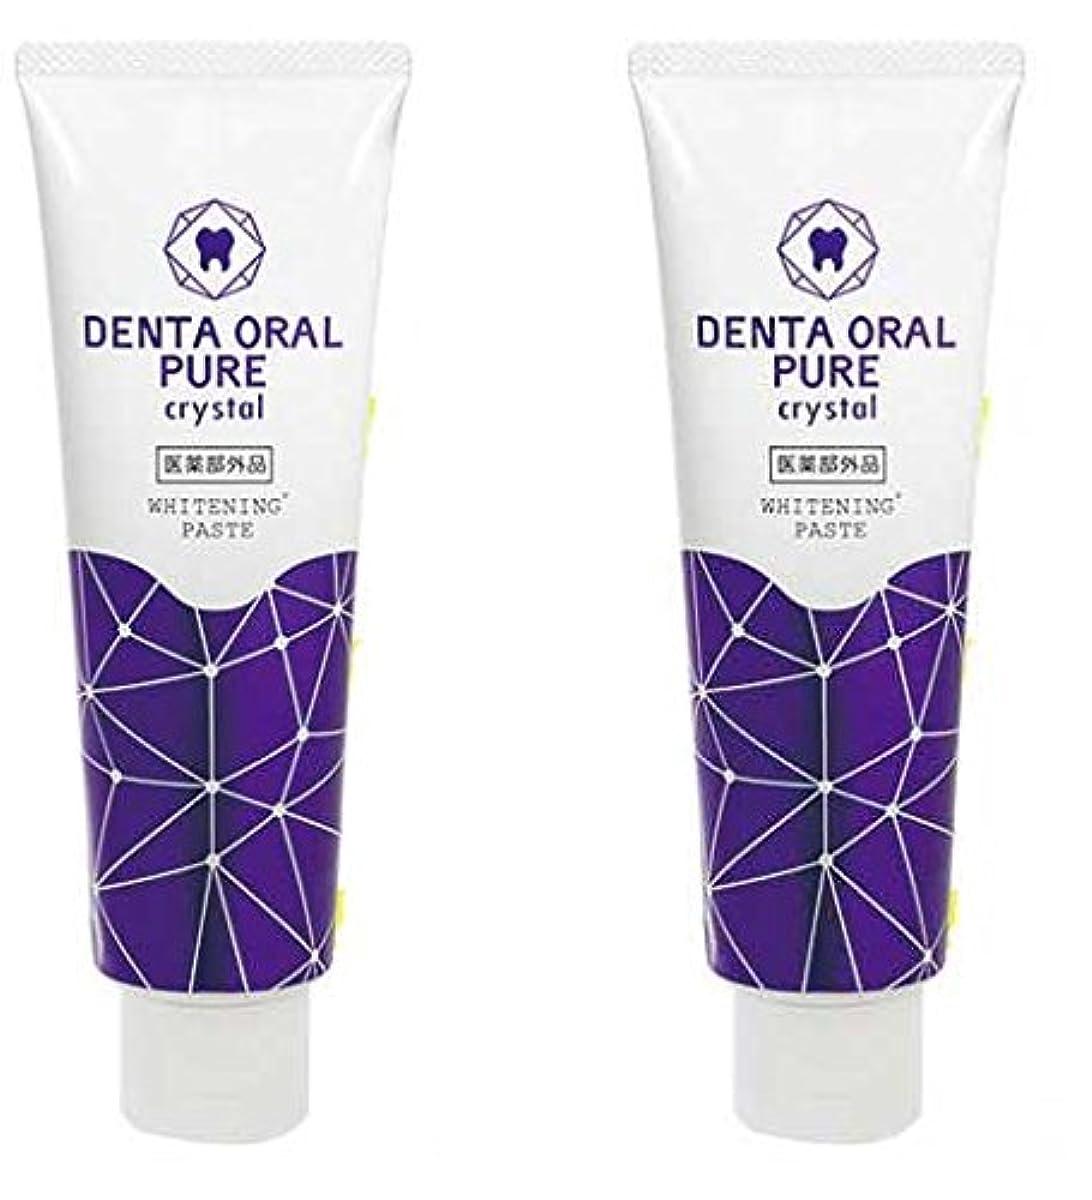 アレルギーキッチン振動させるホワイトニング歯磨き粉 デンタオーラルピュア クリスタル 2個セット 医薬部外品